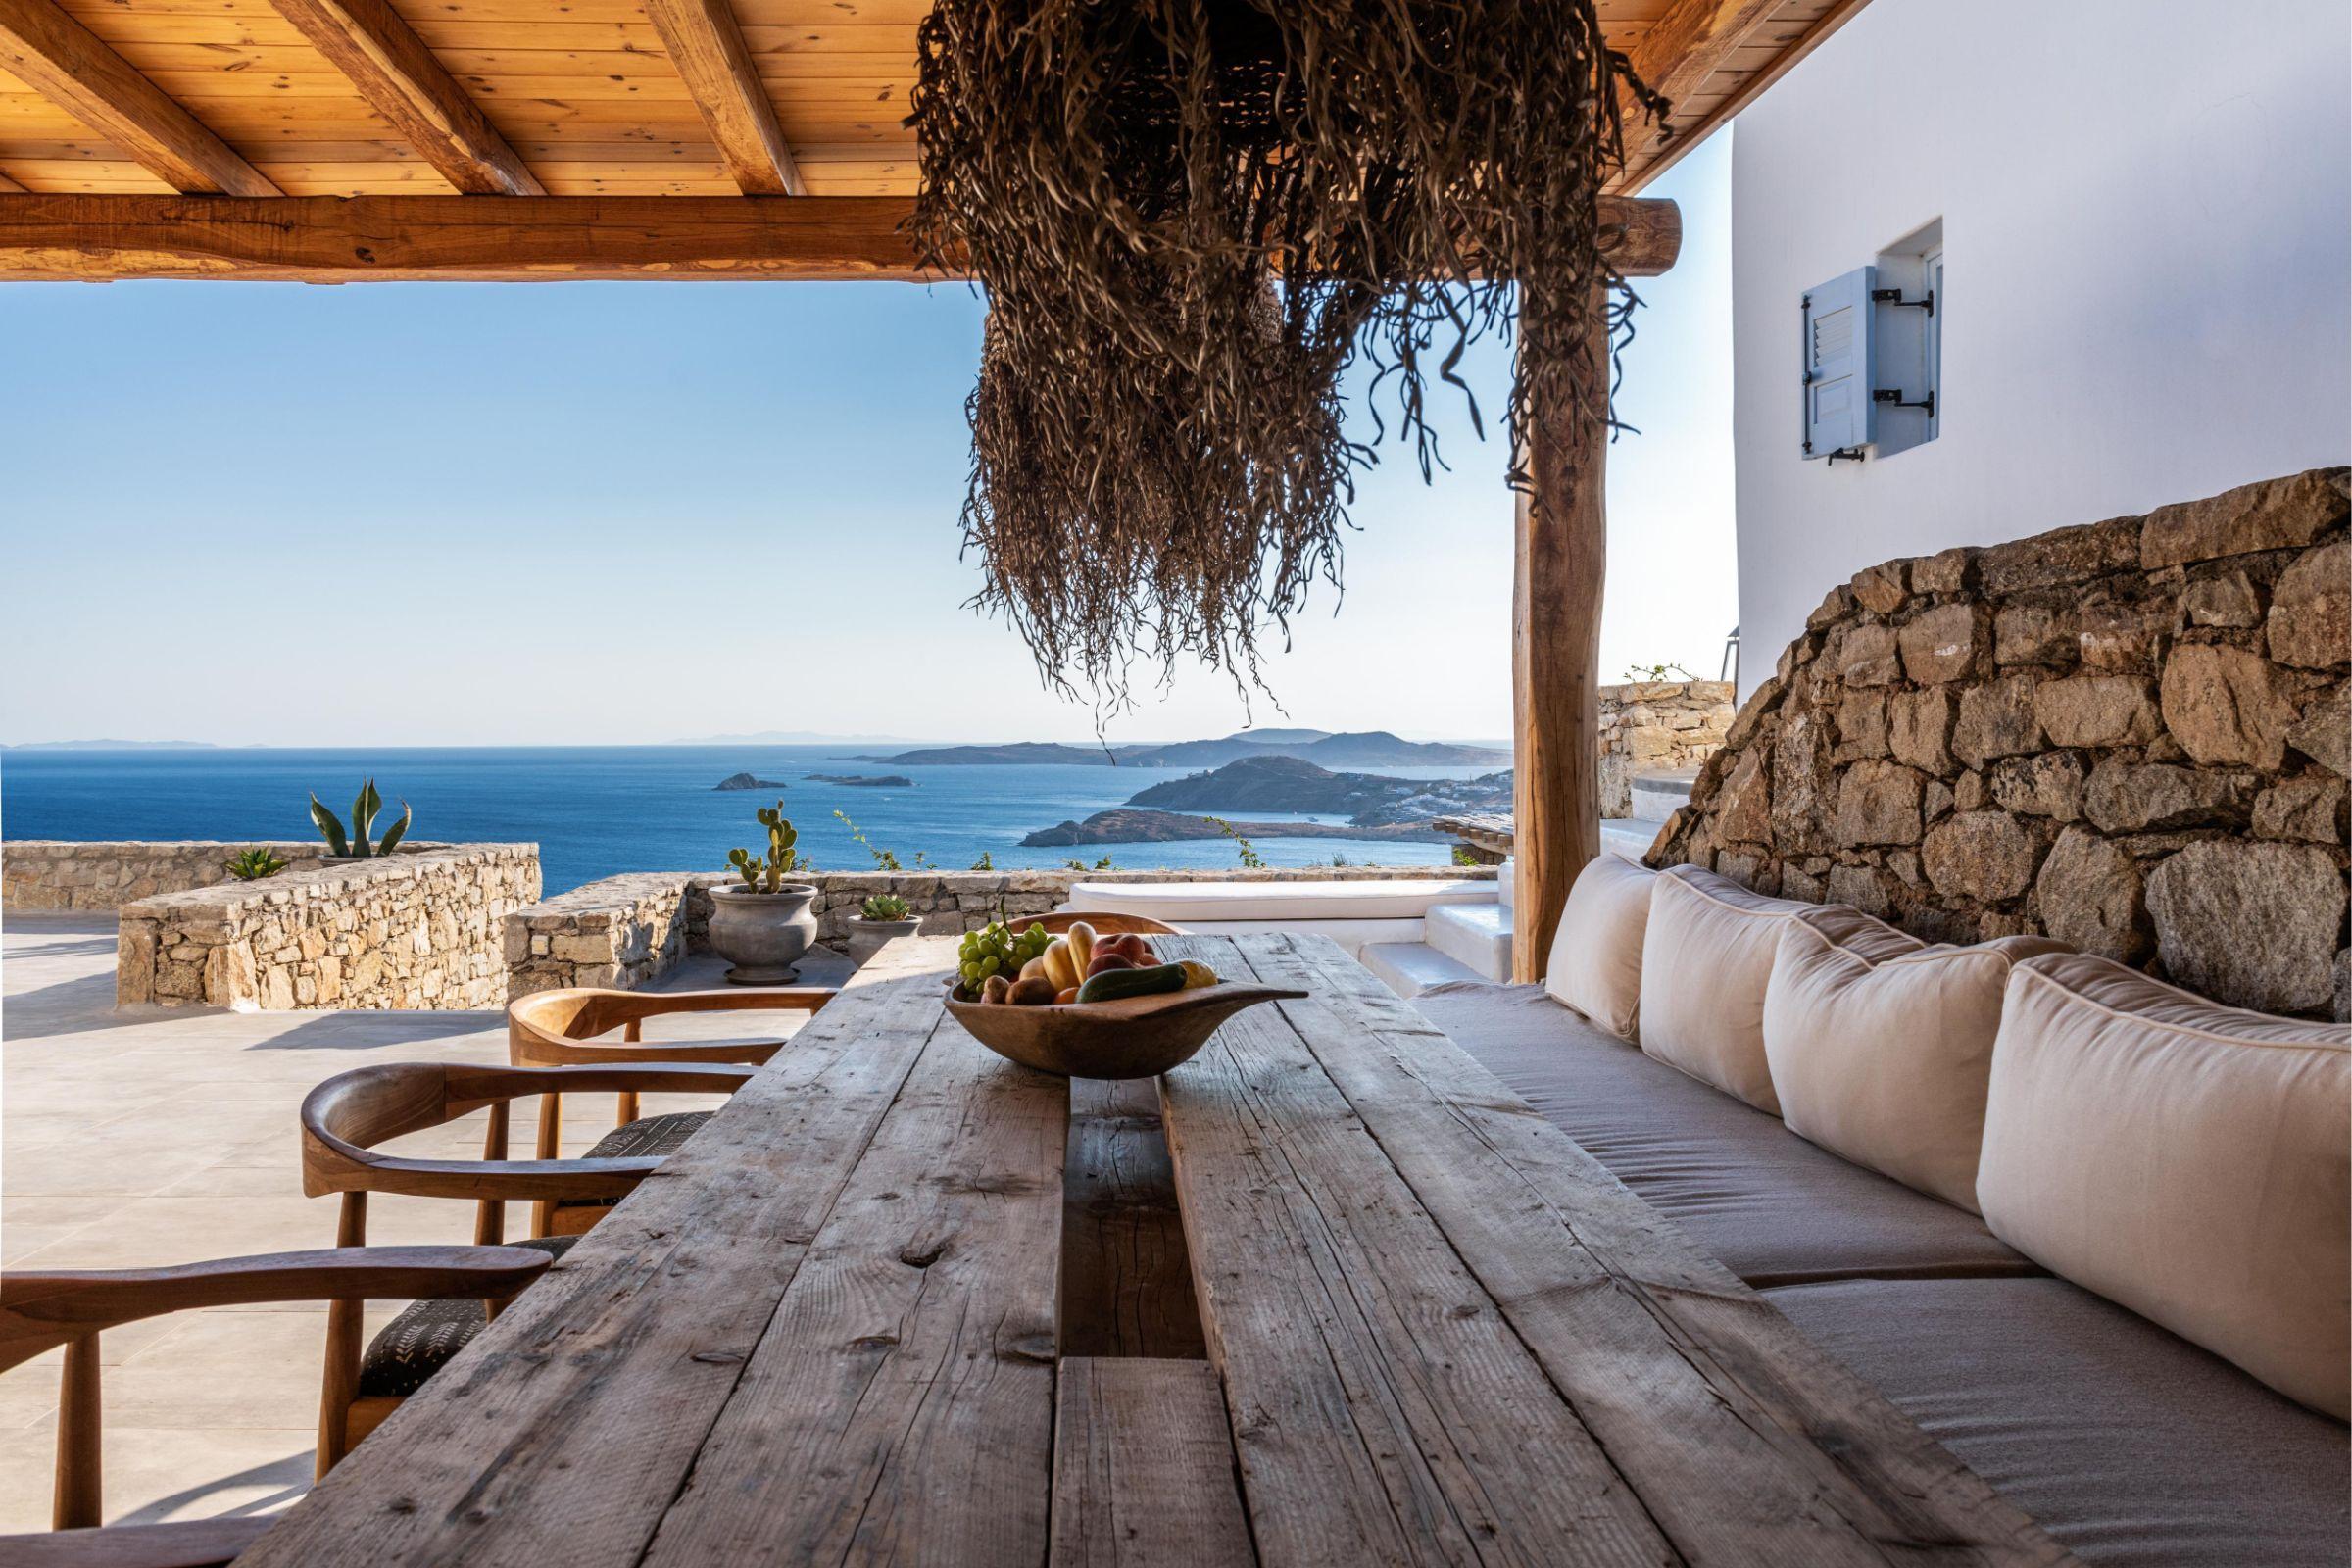 luxury mykonos villas 7 bedrooms